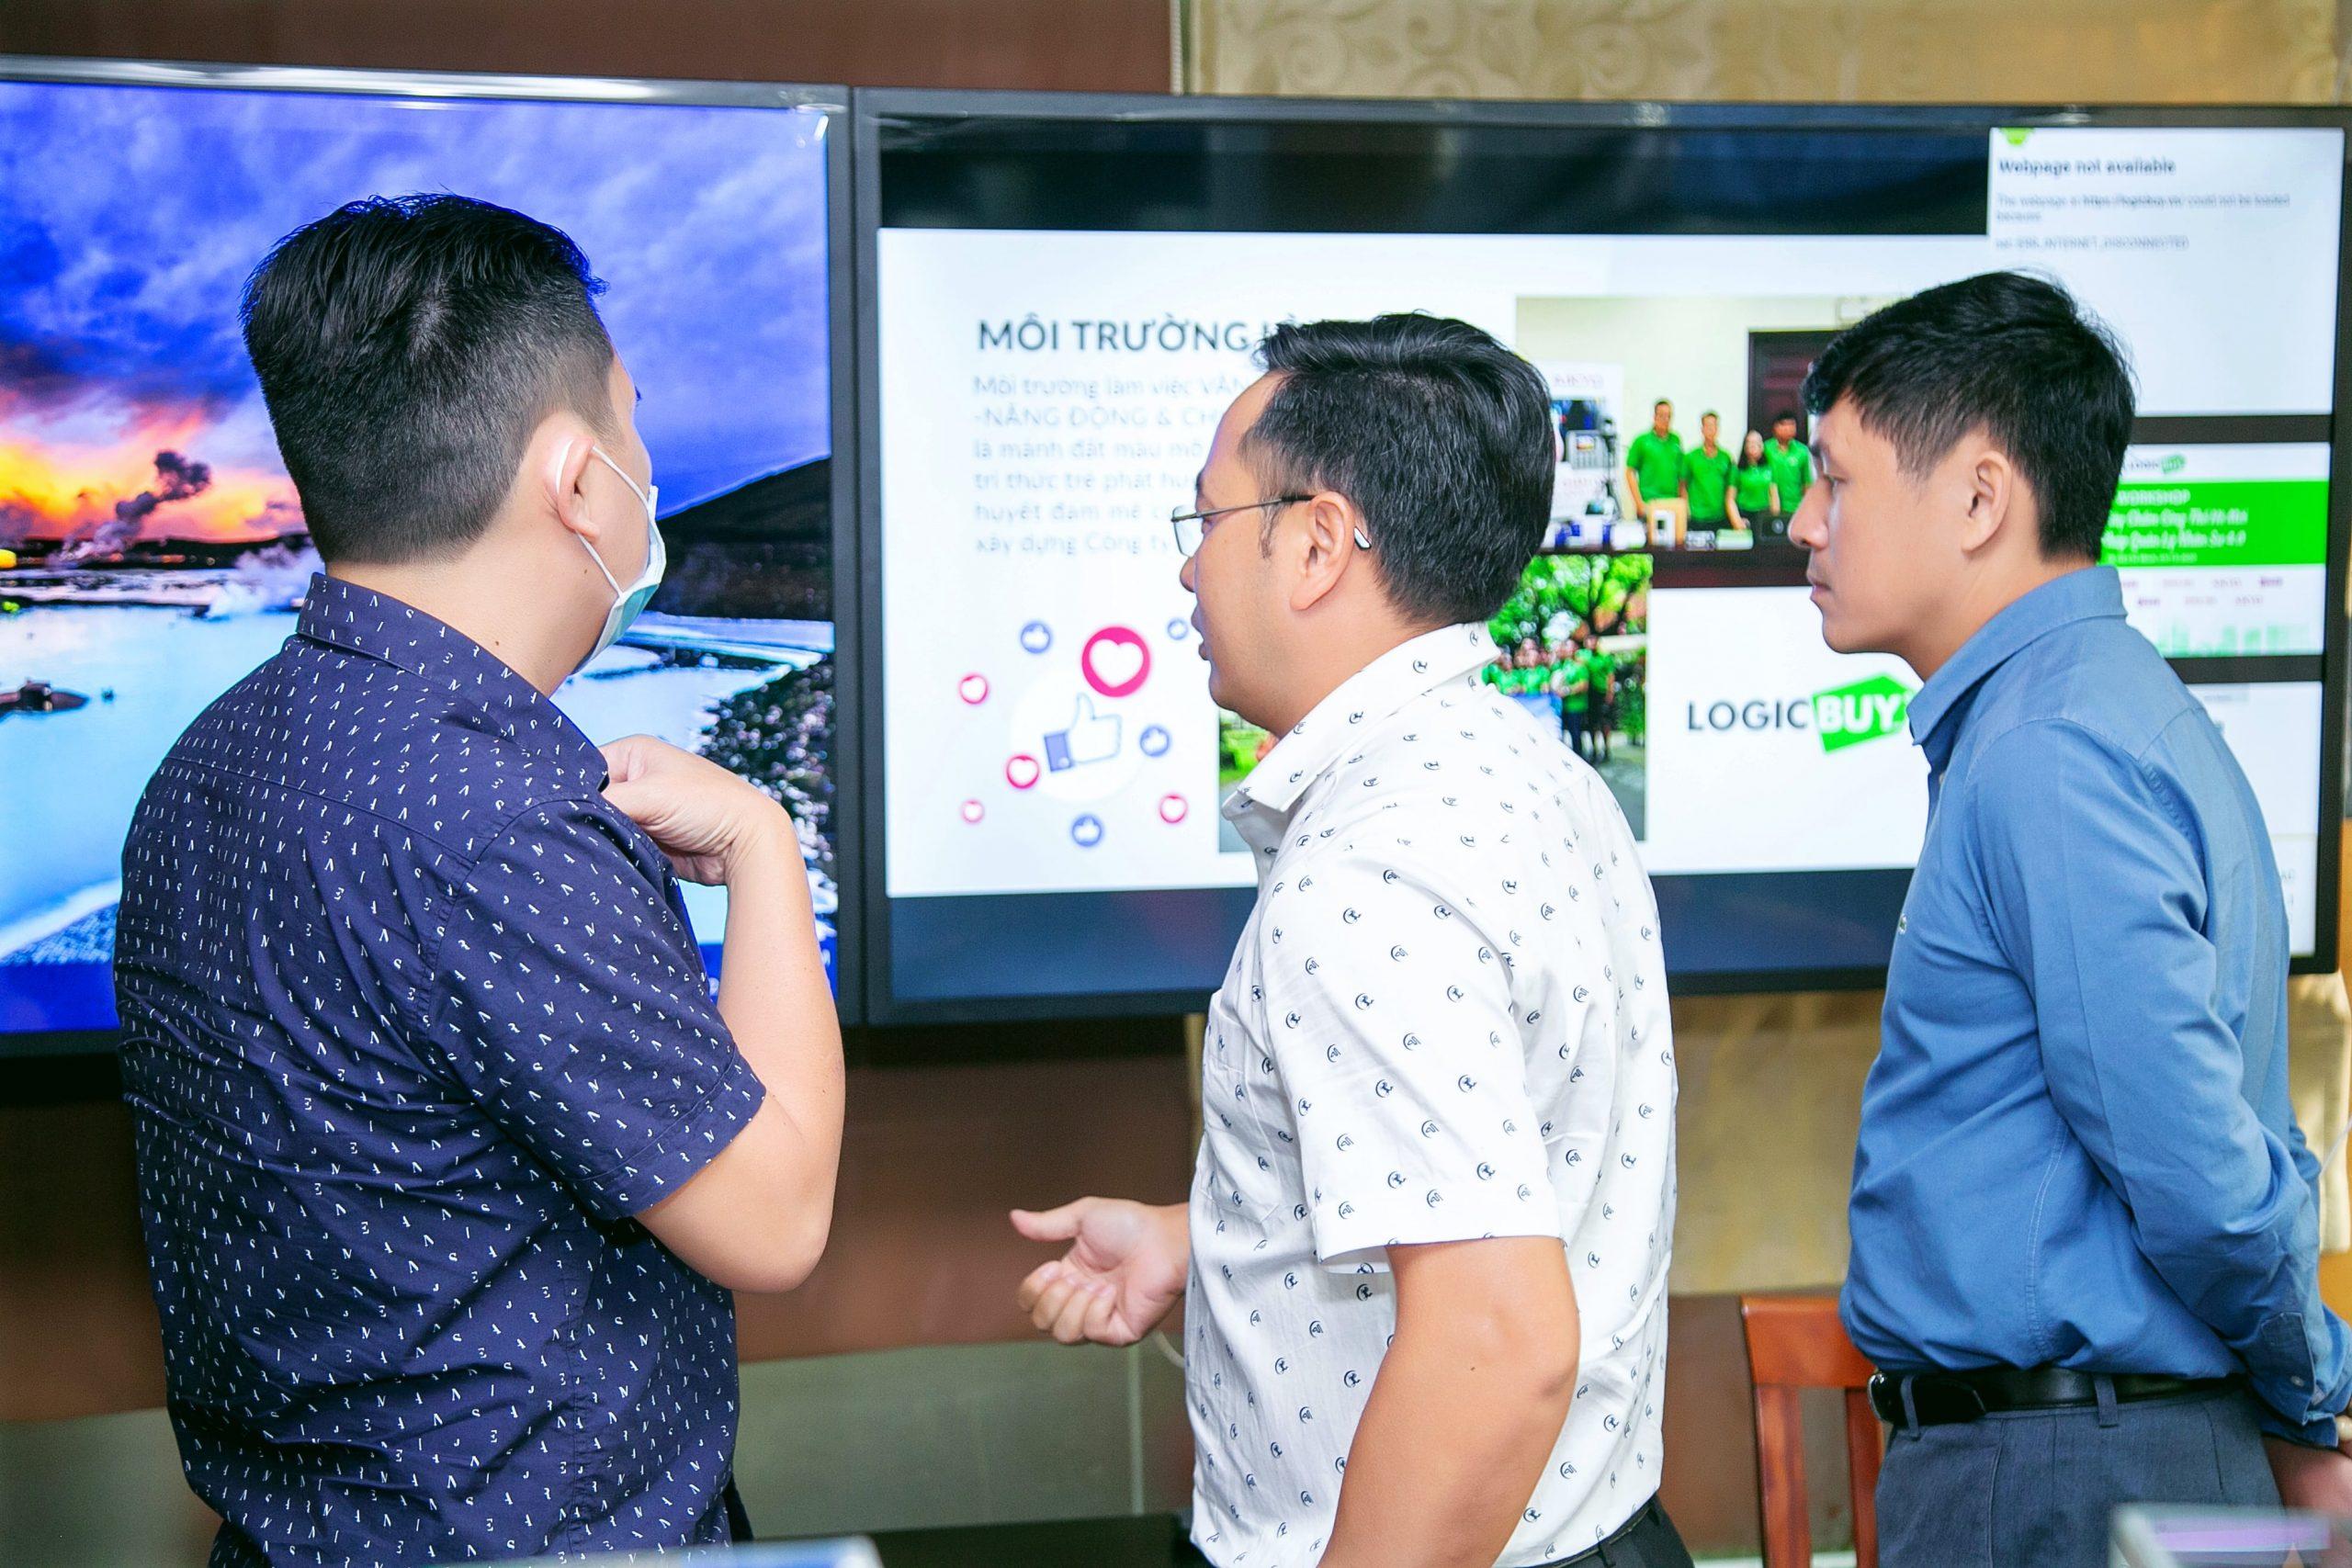 Lợi ích và ứng dụng của màn hình hiển thị Novo Display